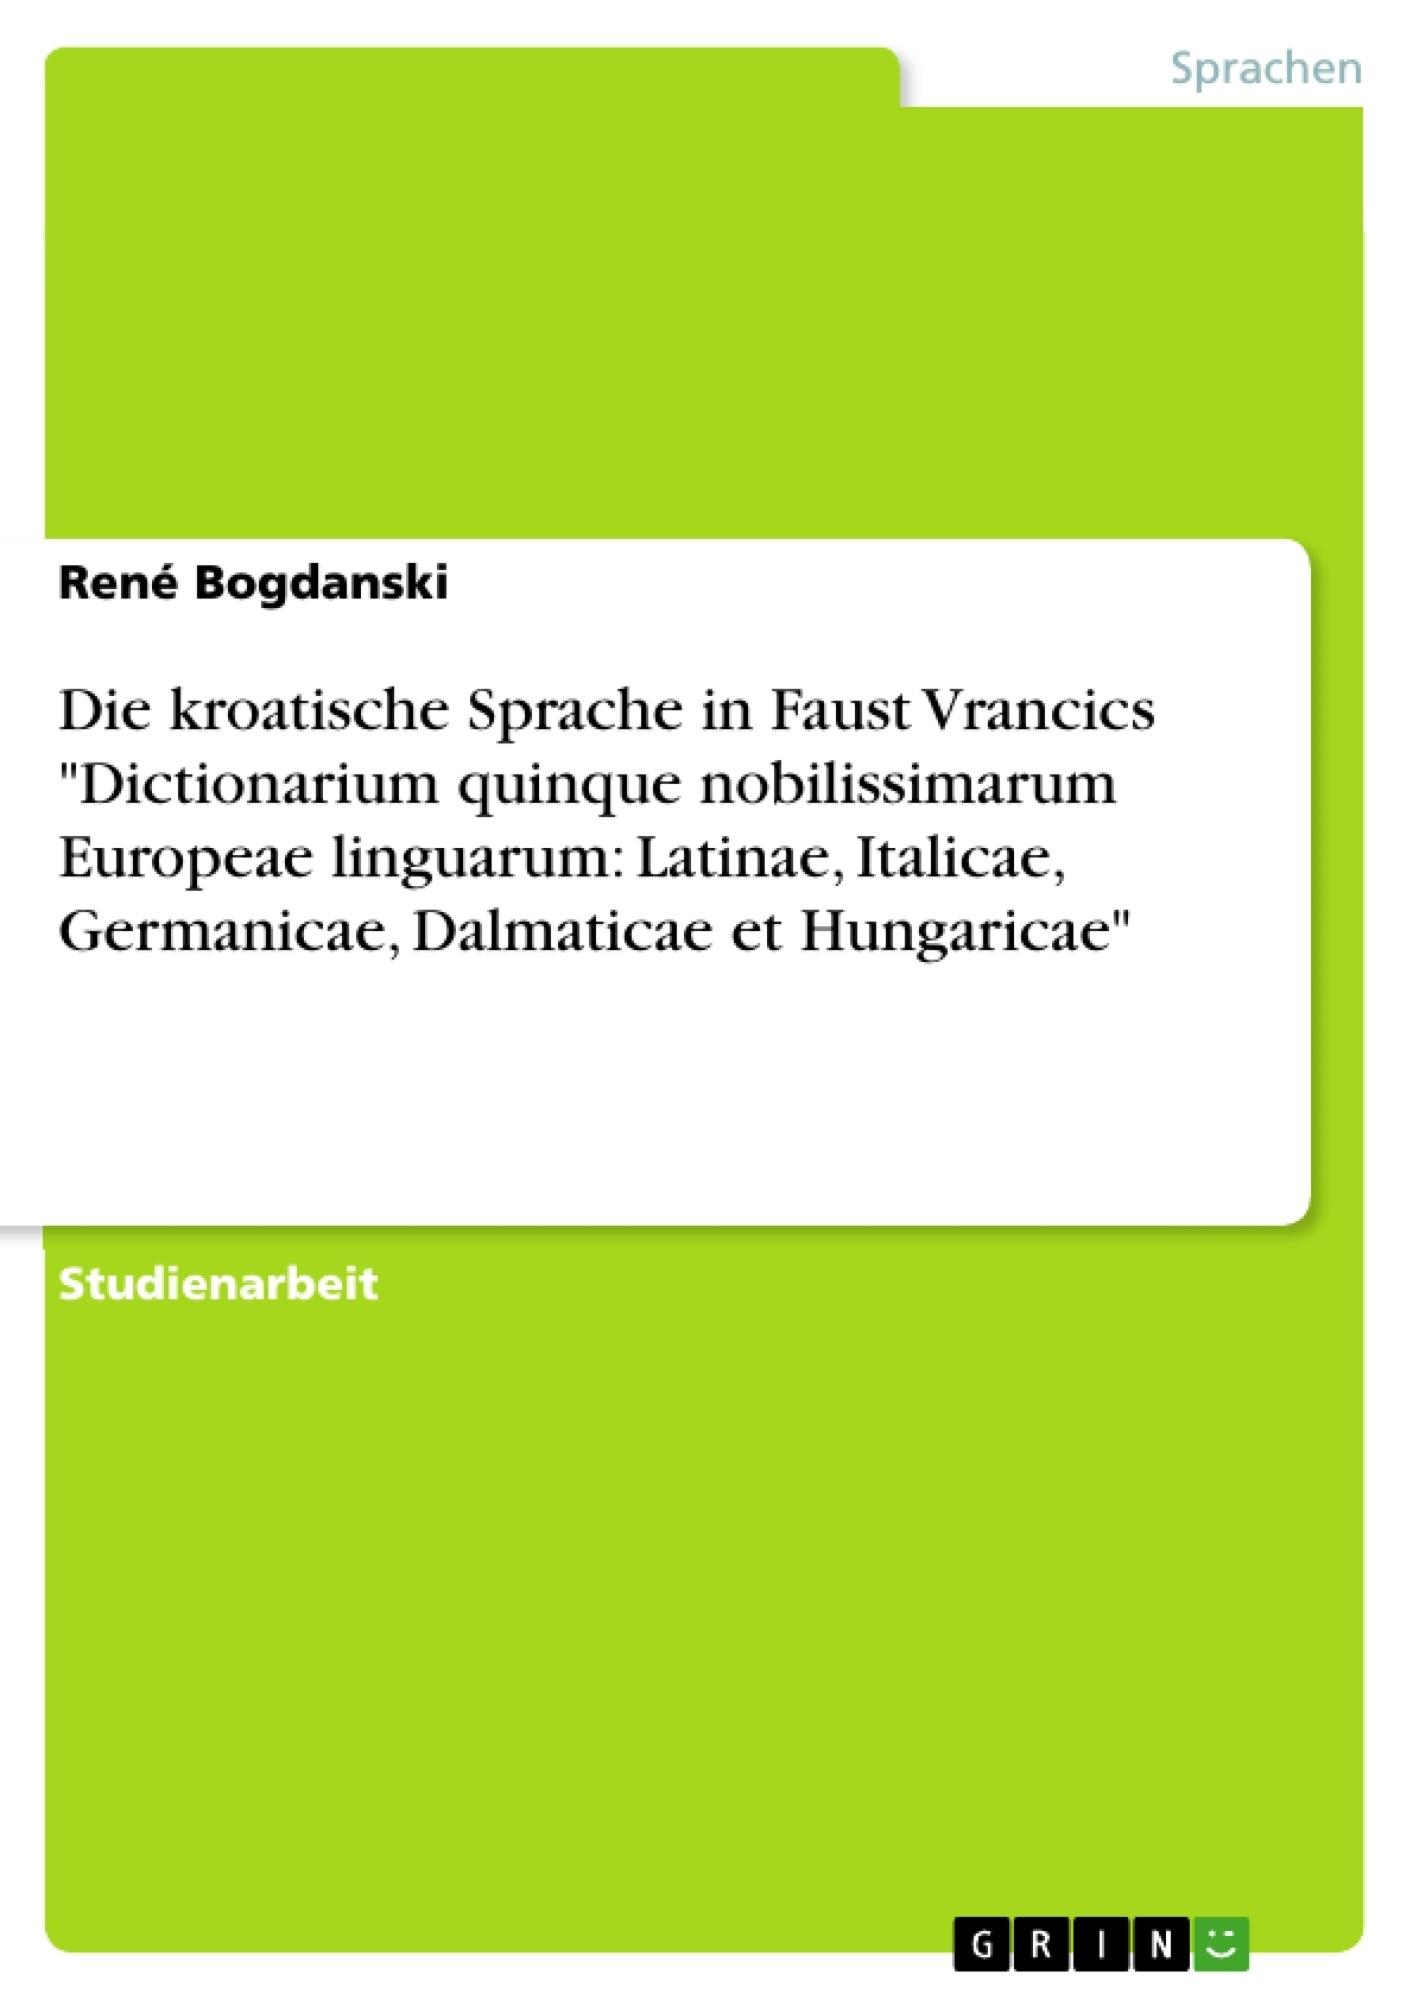 """Titel: Die kroatische Sprache in Faust Vrancics """"Dictionarium quinque nobilissimarum  Europeae linguarum: Latinae, Italicae, Germanicae, Dalmaticae et Hungaricae"""""""